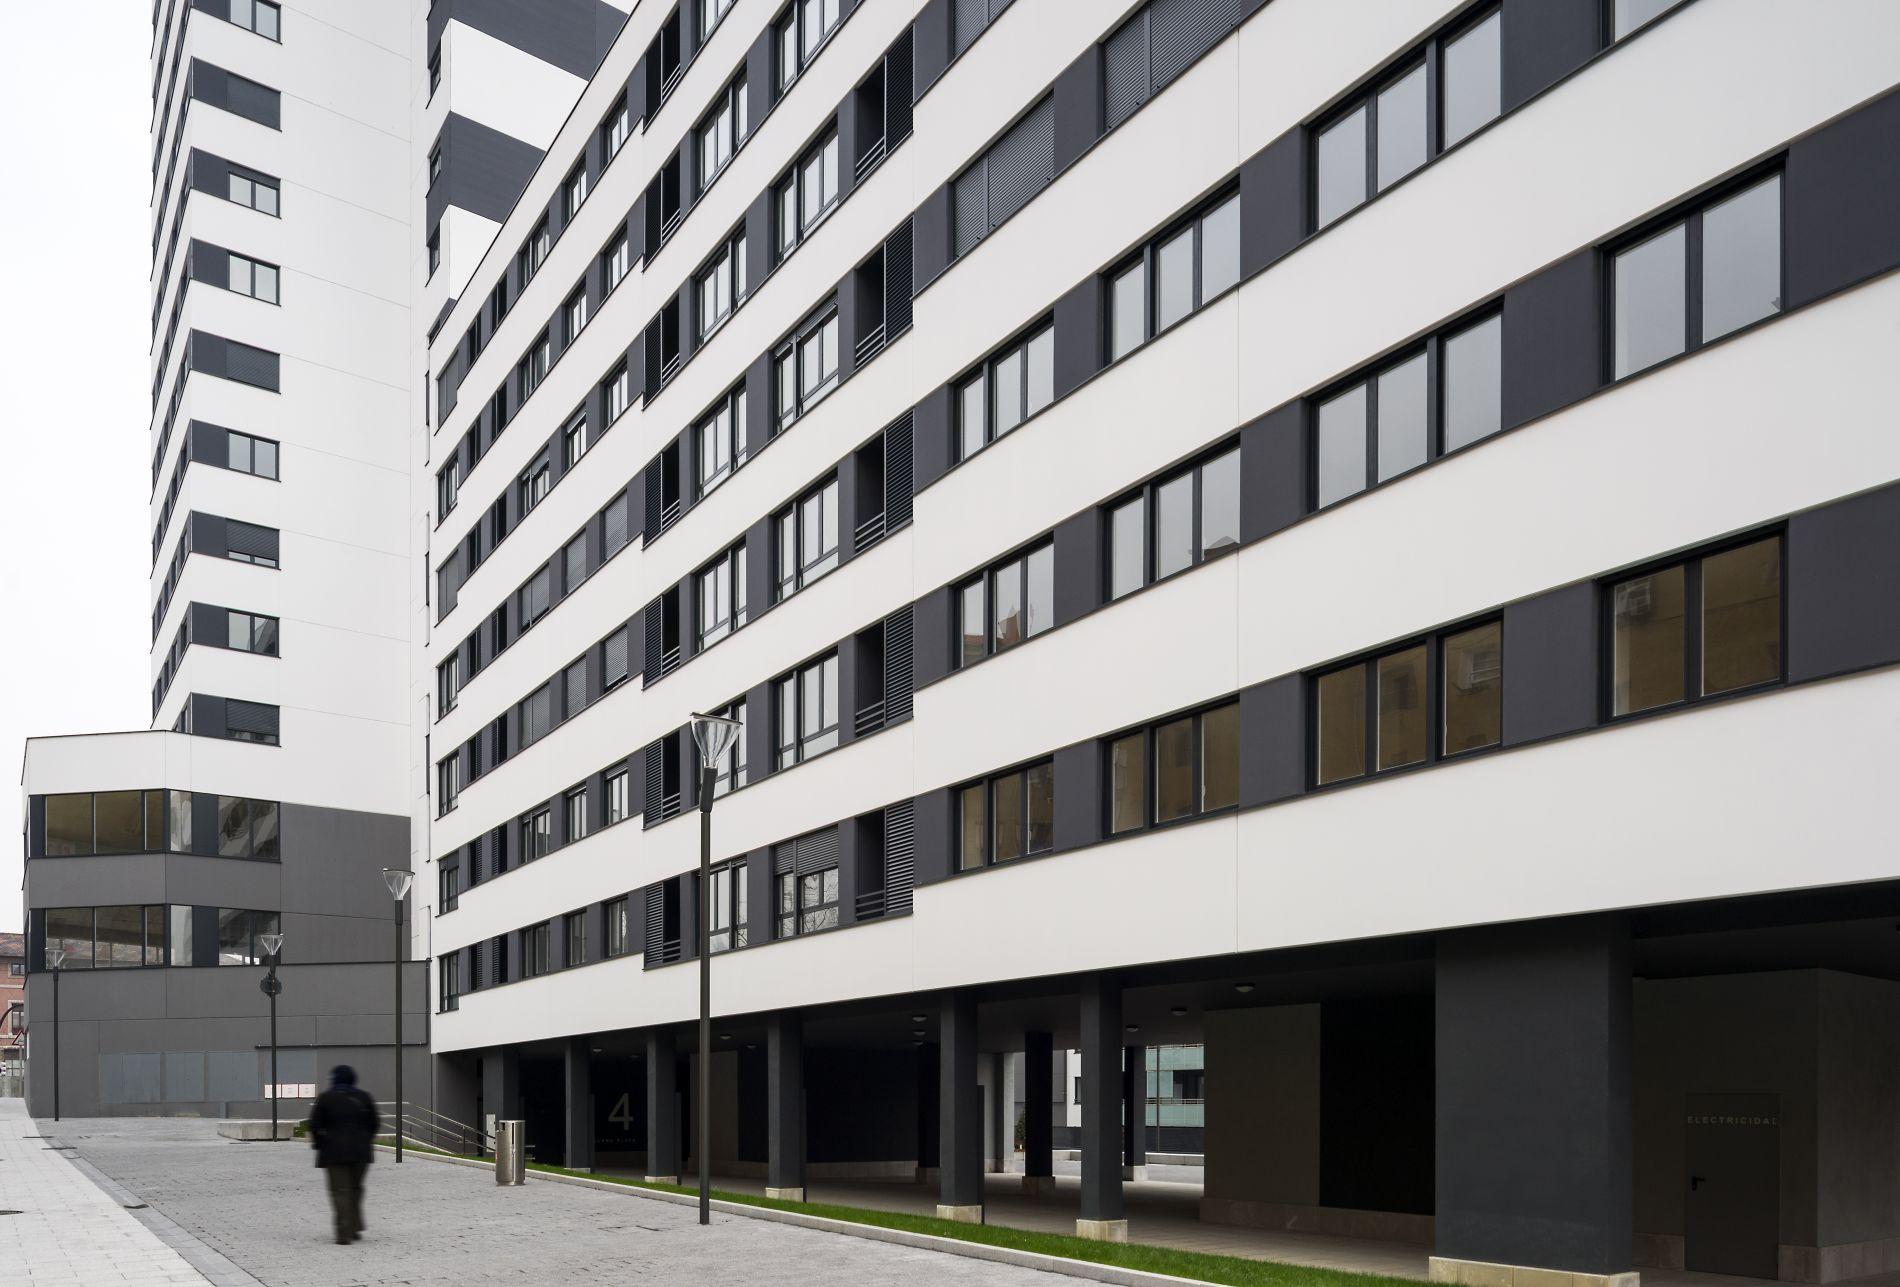 Fiark - 318 Viviendas VPO y 289 tasadas en Bilbao 5